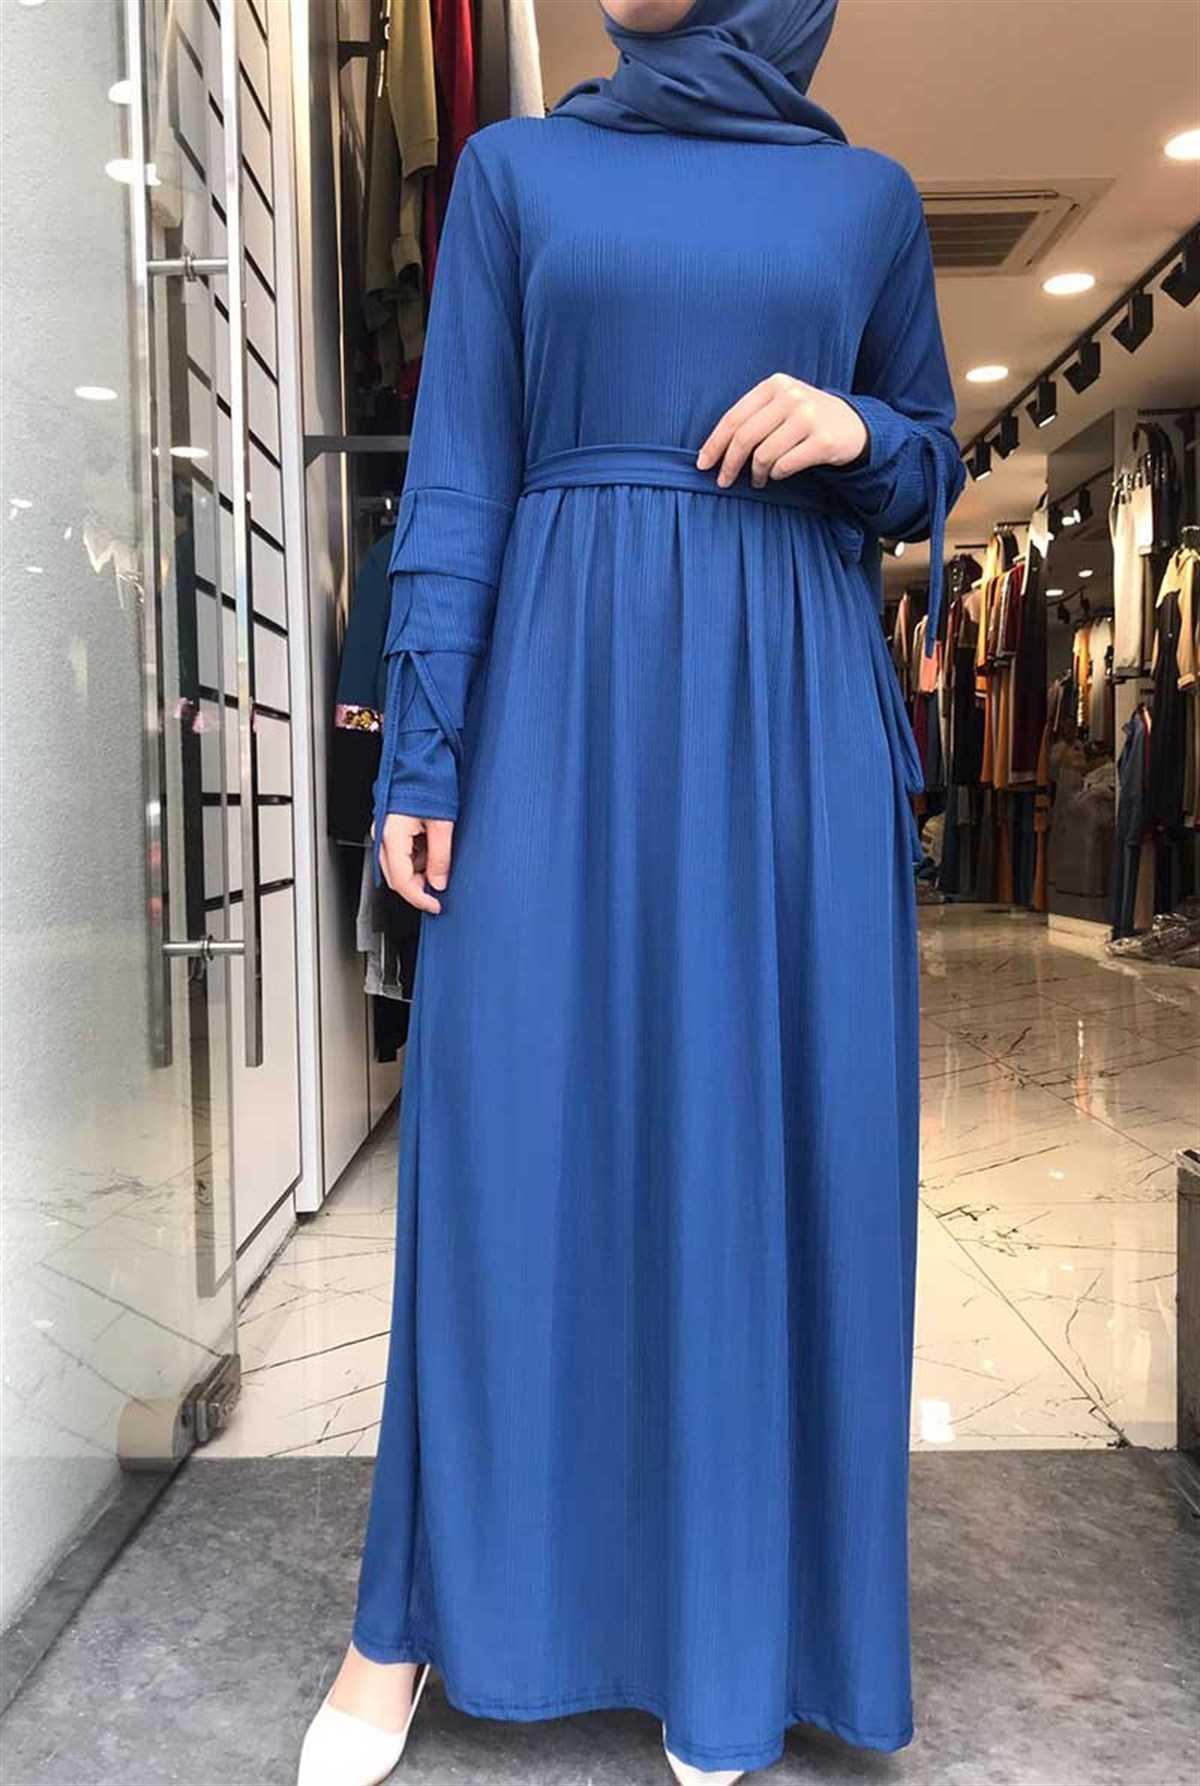 Gizemsmoda Tesettür Günlük Mavi Elbise Modelleri